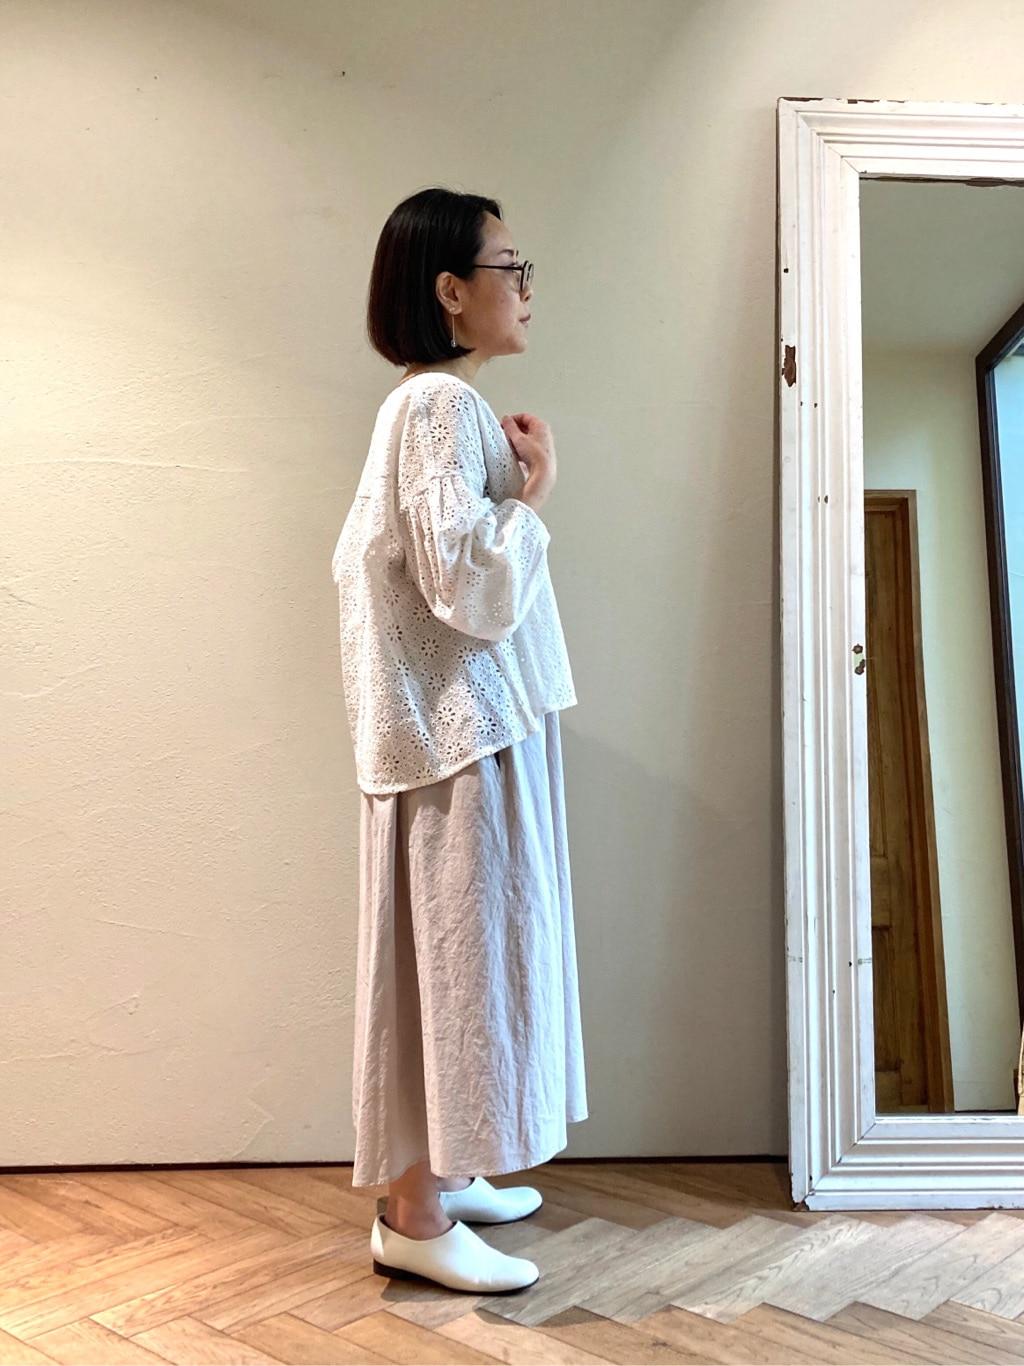 yuni 京都路面 身長:152cm 2021.04.14